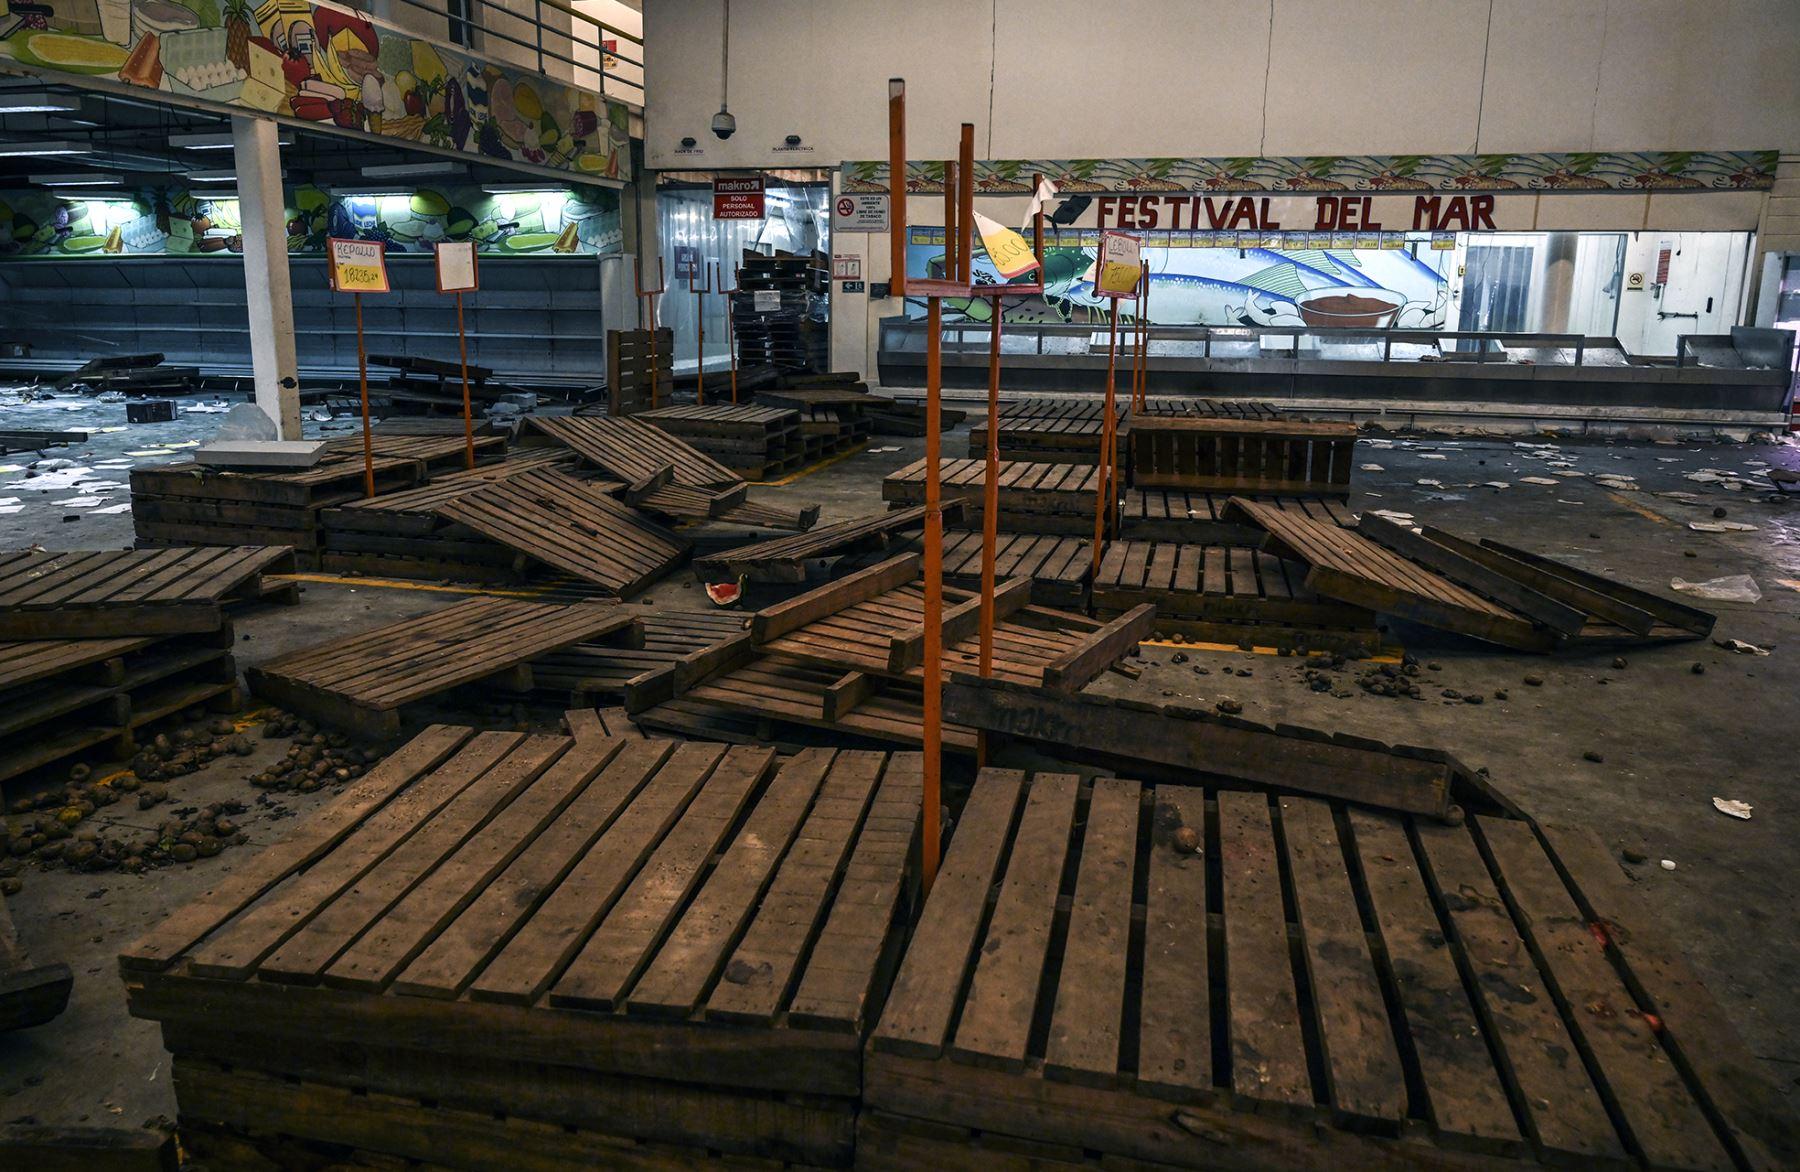 Interiores de un supermercado saqueado durante el apagón masivo que ha paralizado Venezuela durante seis días, en Maracaibo, en el estado fronterizo de Zulia. Foto: AFP